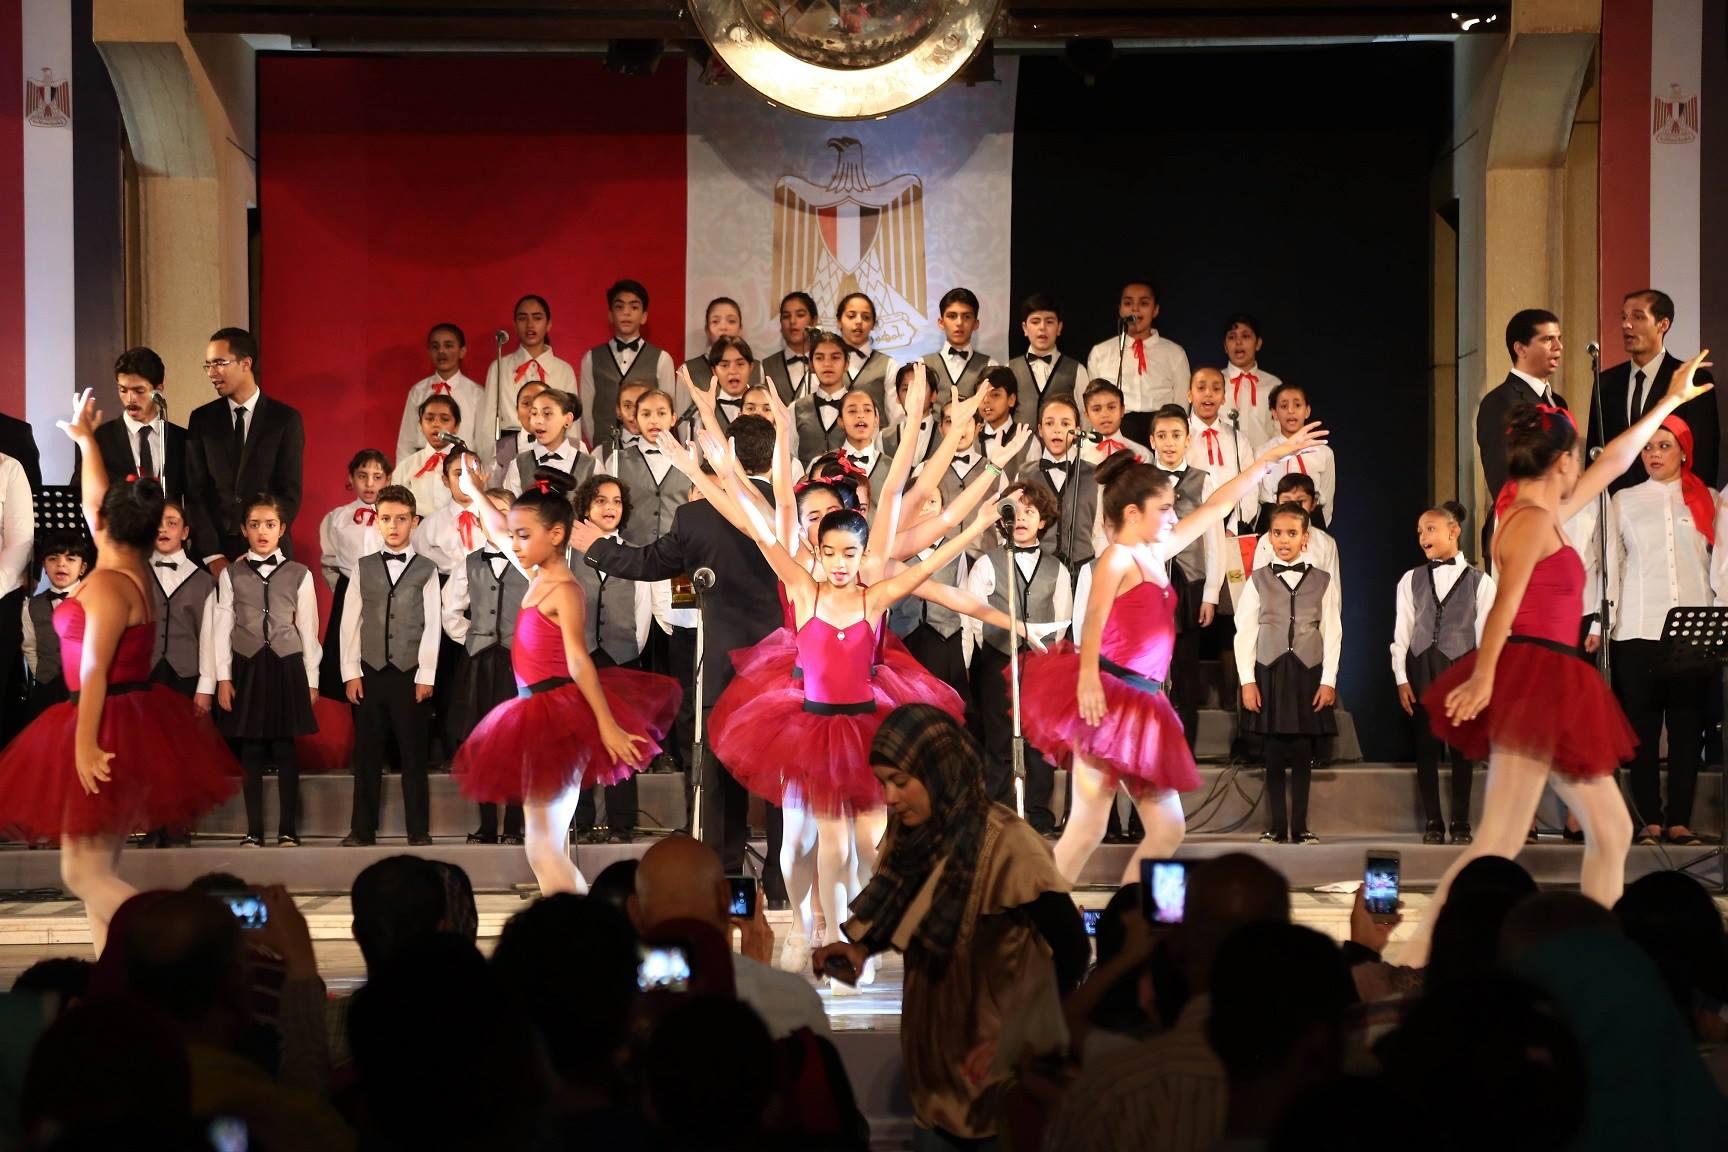 احتفالات دار الاوبرا بـ 30 يونيو (4)